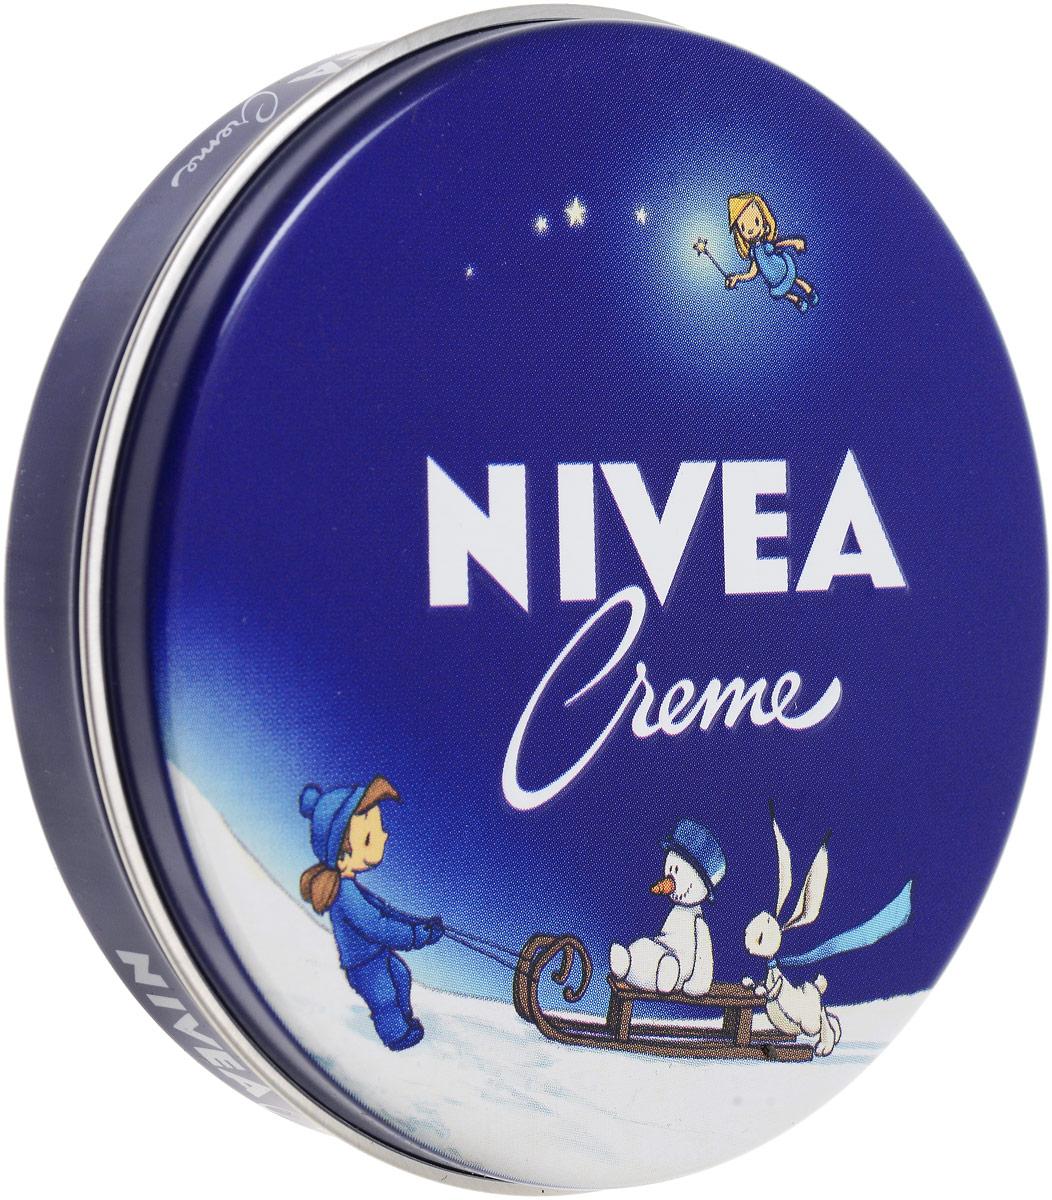 NIVEA Крем для ухода за кожей 75 мл80103Универсальный крем для кожи Nivea Creme обладает уникальной формулой, благодаря которой увлажняет, питает и бережно ухаживает за кожей тела, особенно за сухими участками. Крем не содержит консервантов и поэтому подходит даже для нежной детской кожи. Характеристики:Объем: 75 мл. Производитель: Германия. Артикул: 80103. Товар сертифицирован.